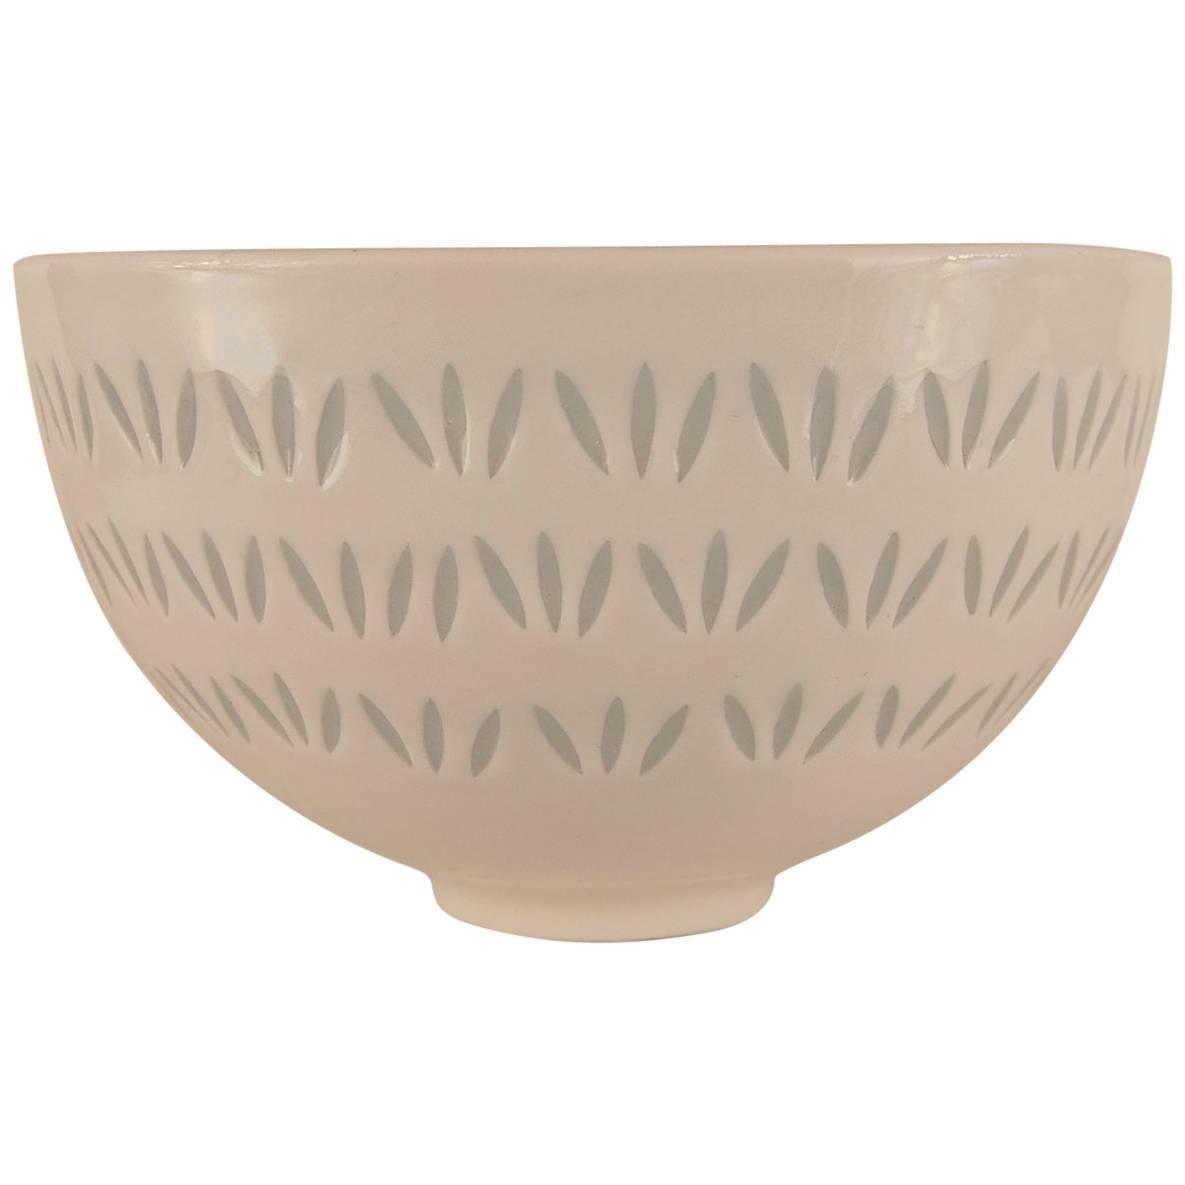 Porcelain Bowl for Arabia by Friedl Holzer Kjellberg